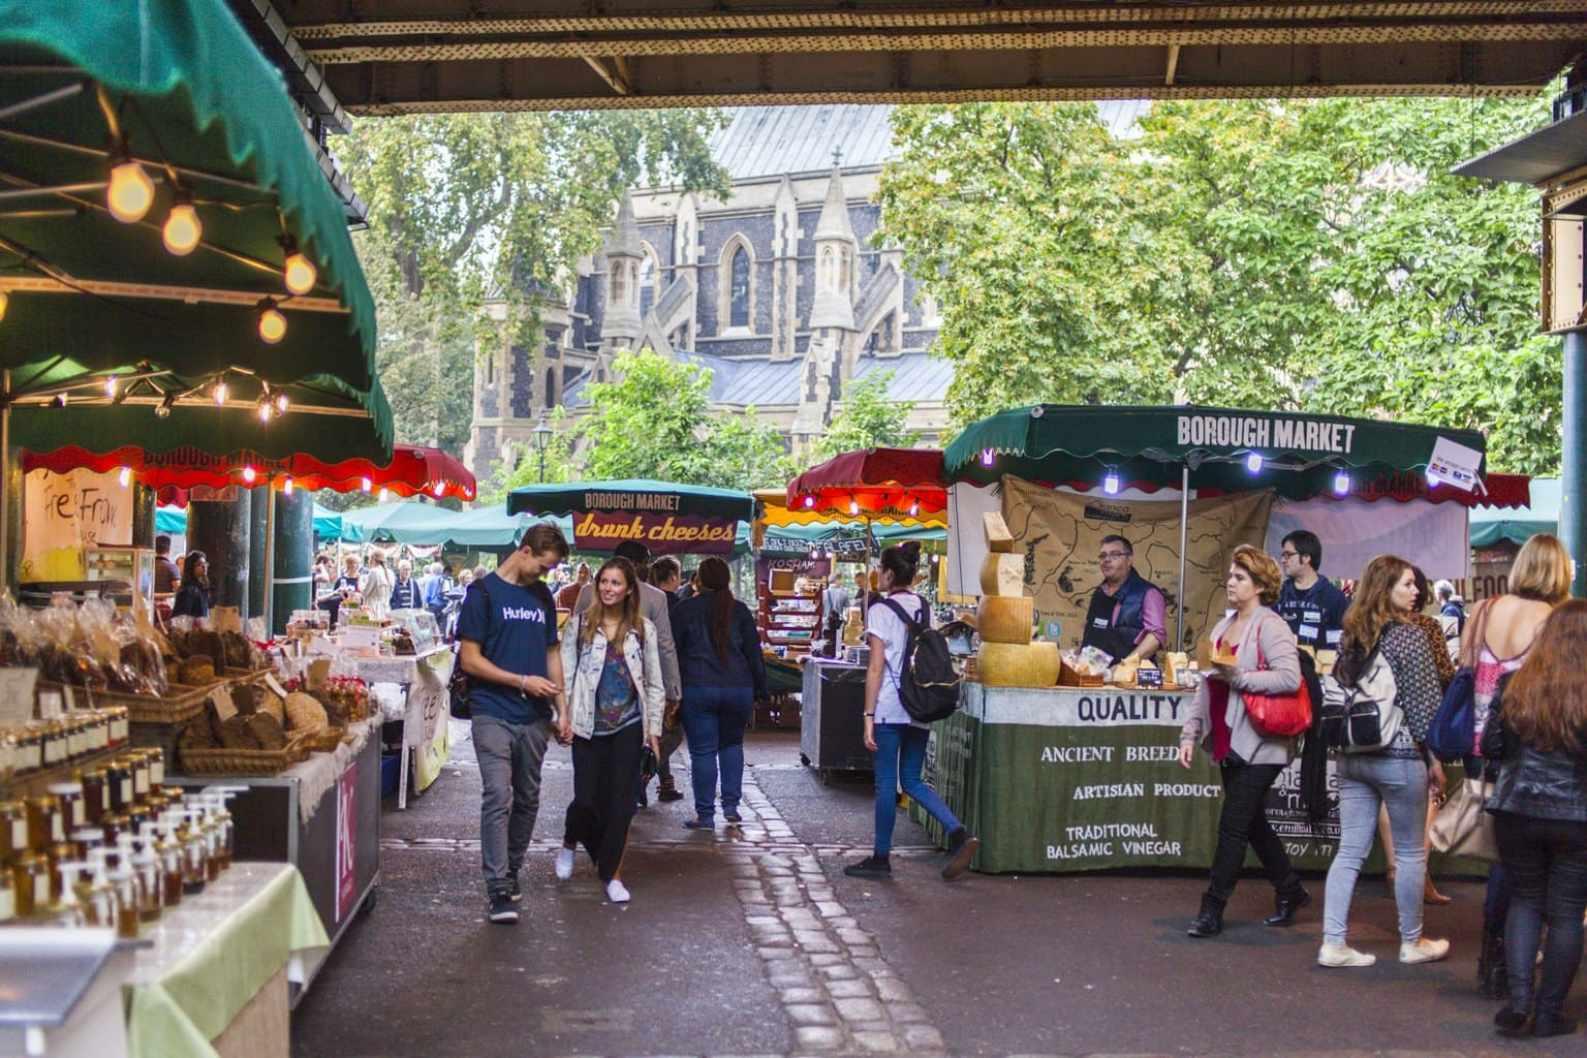 Inside Borough Market in London